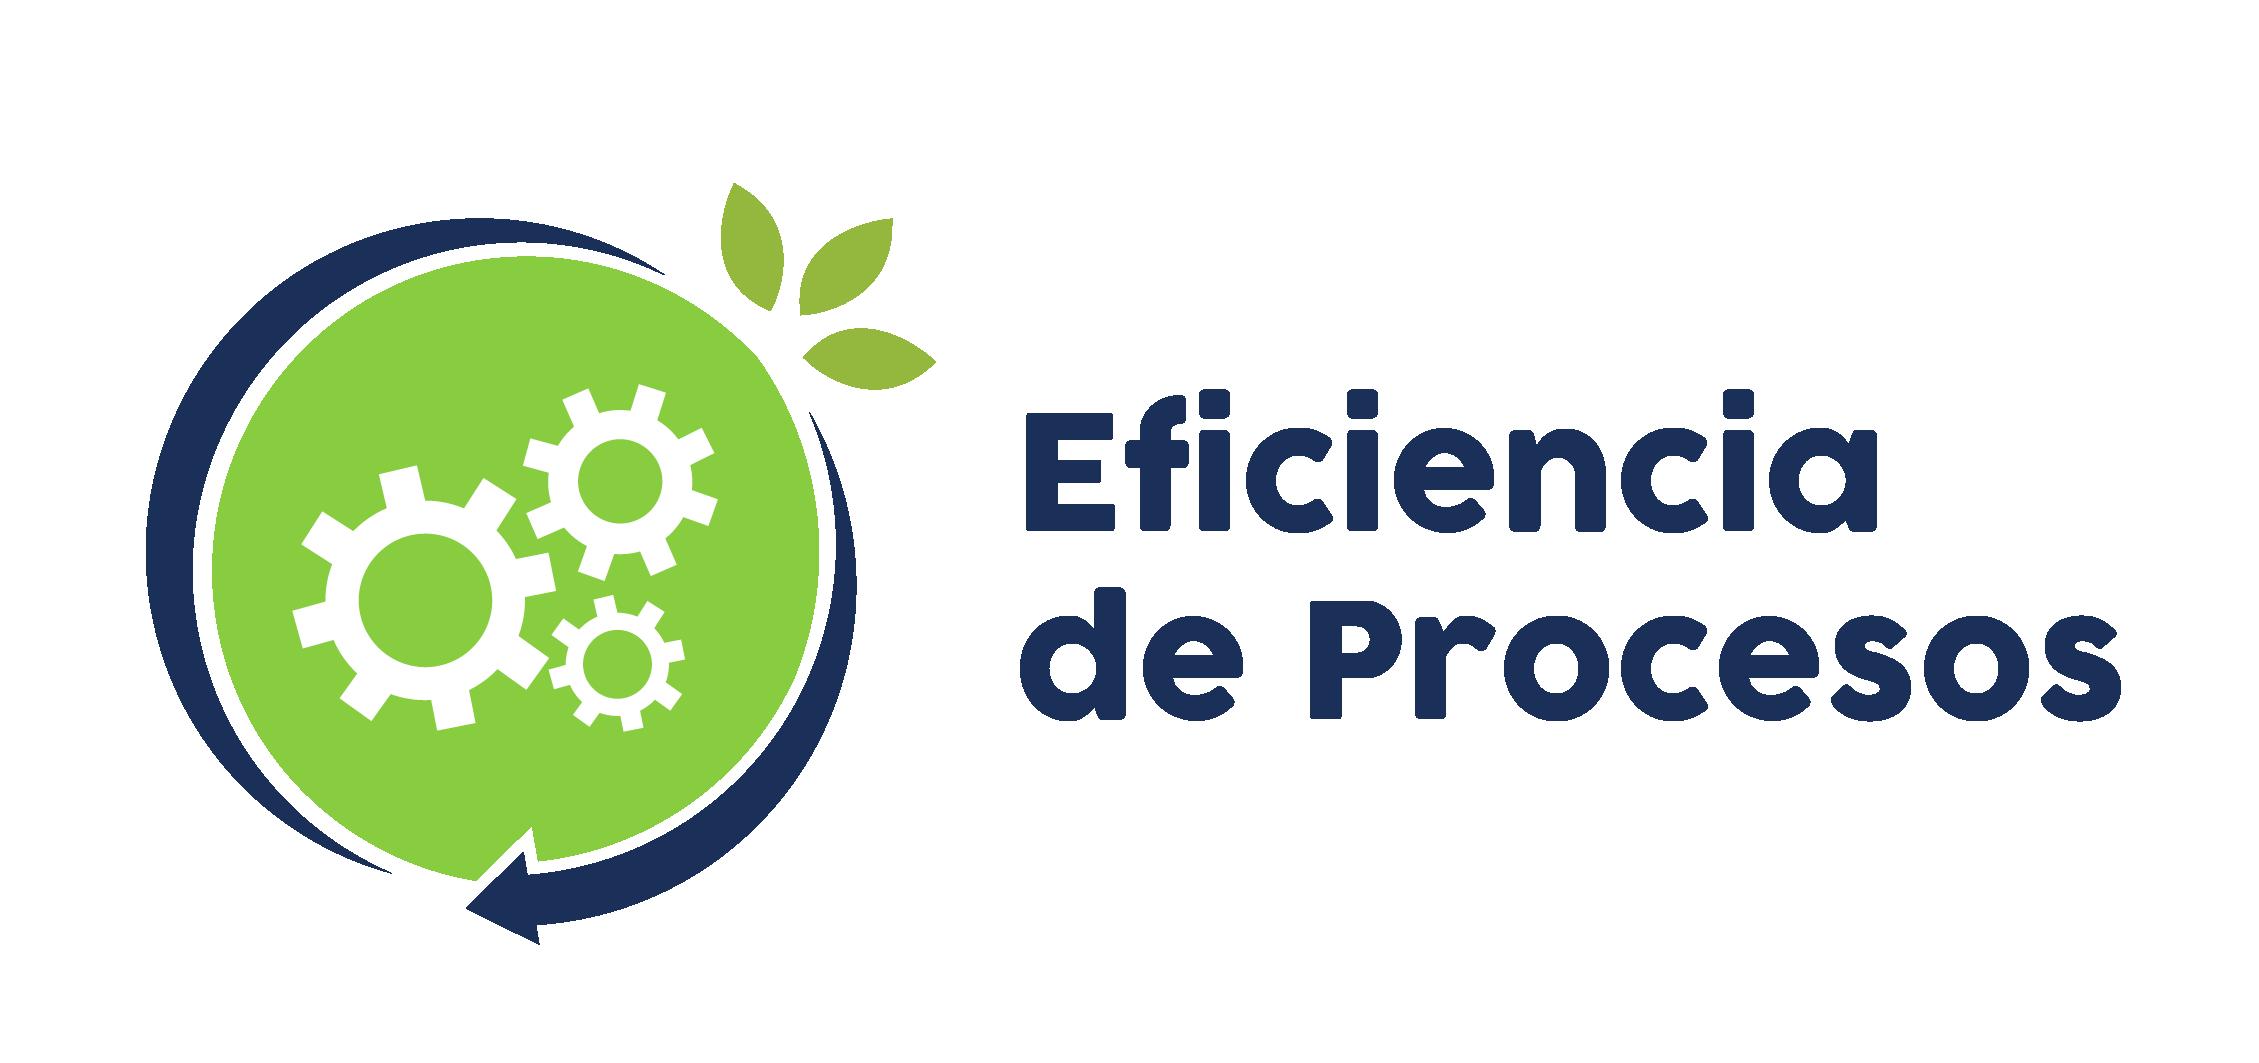 Eficiencia de procesos